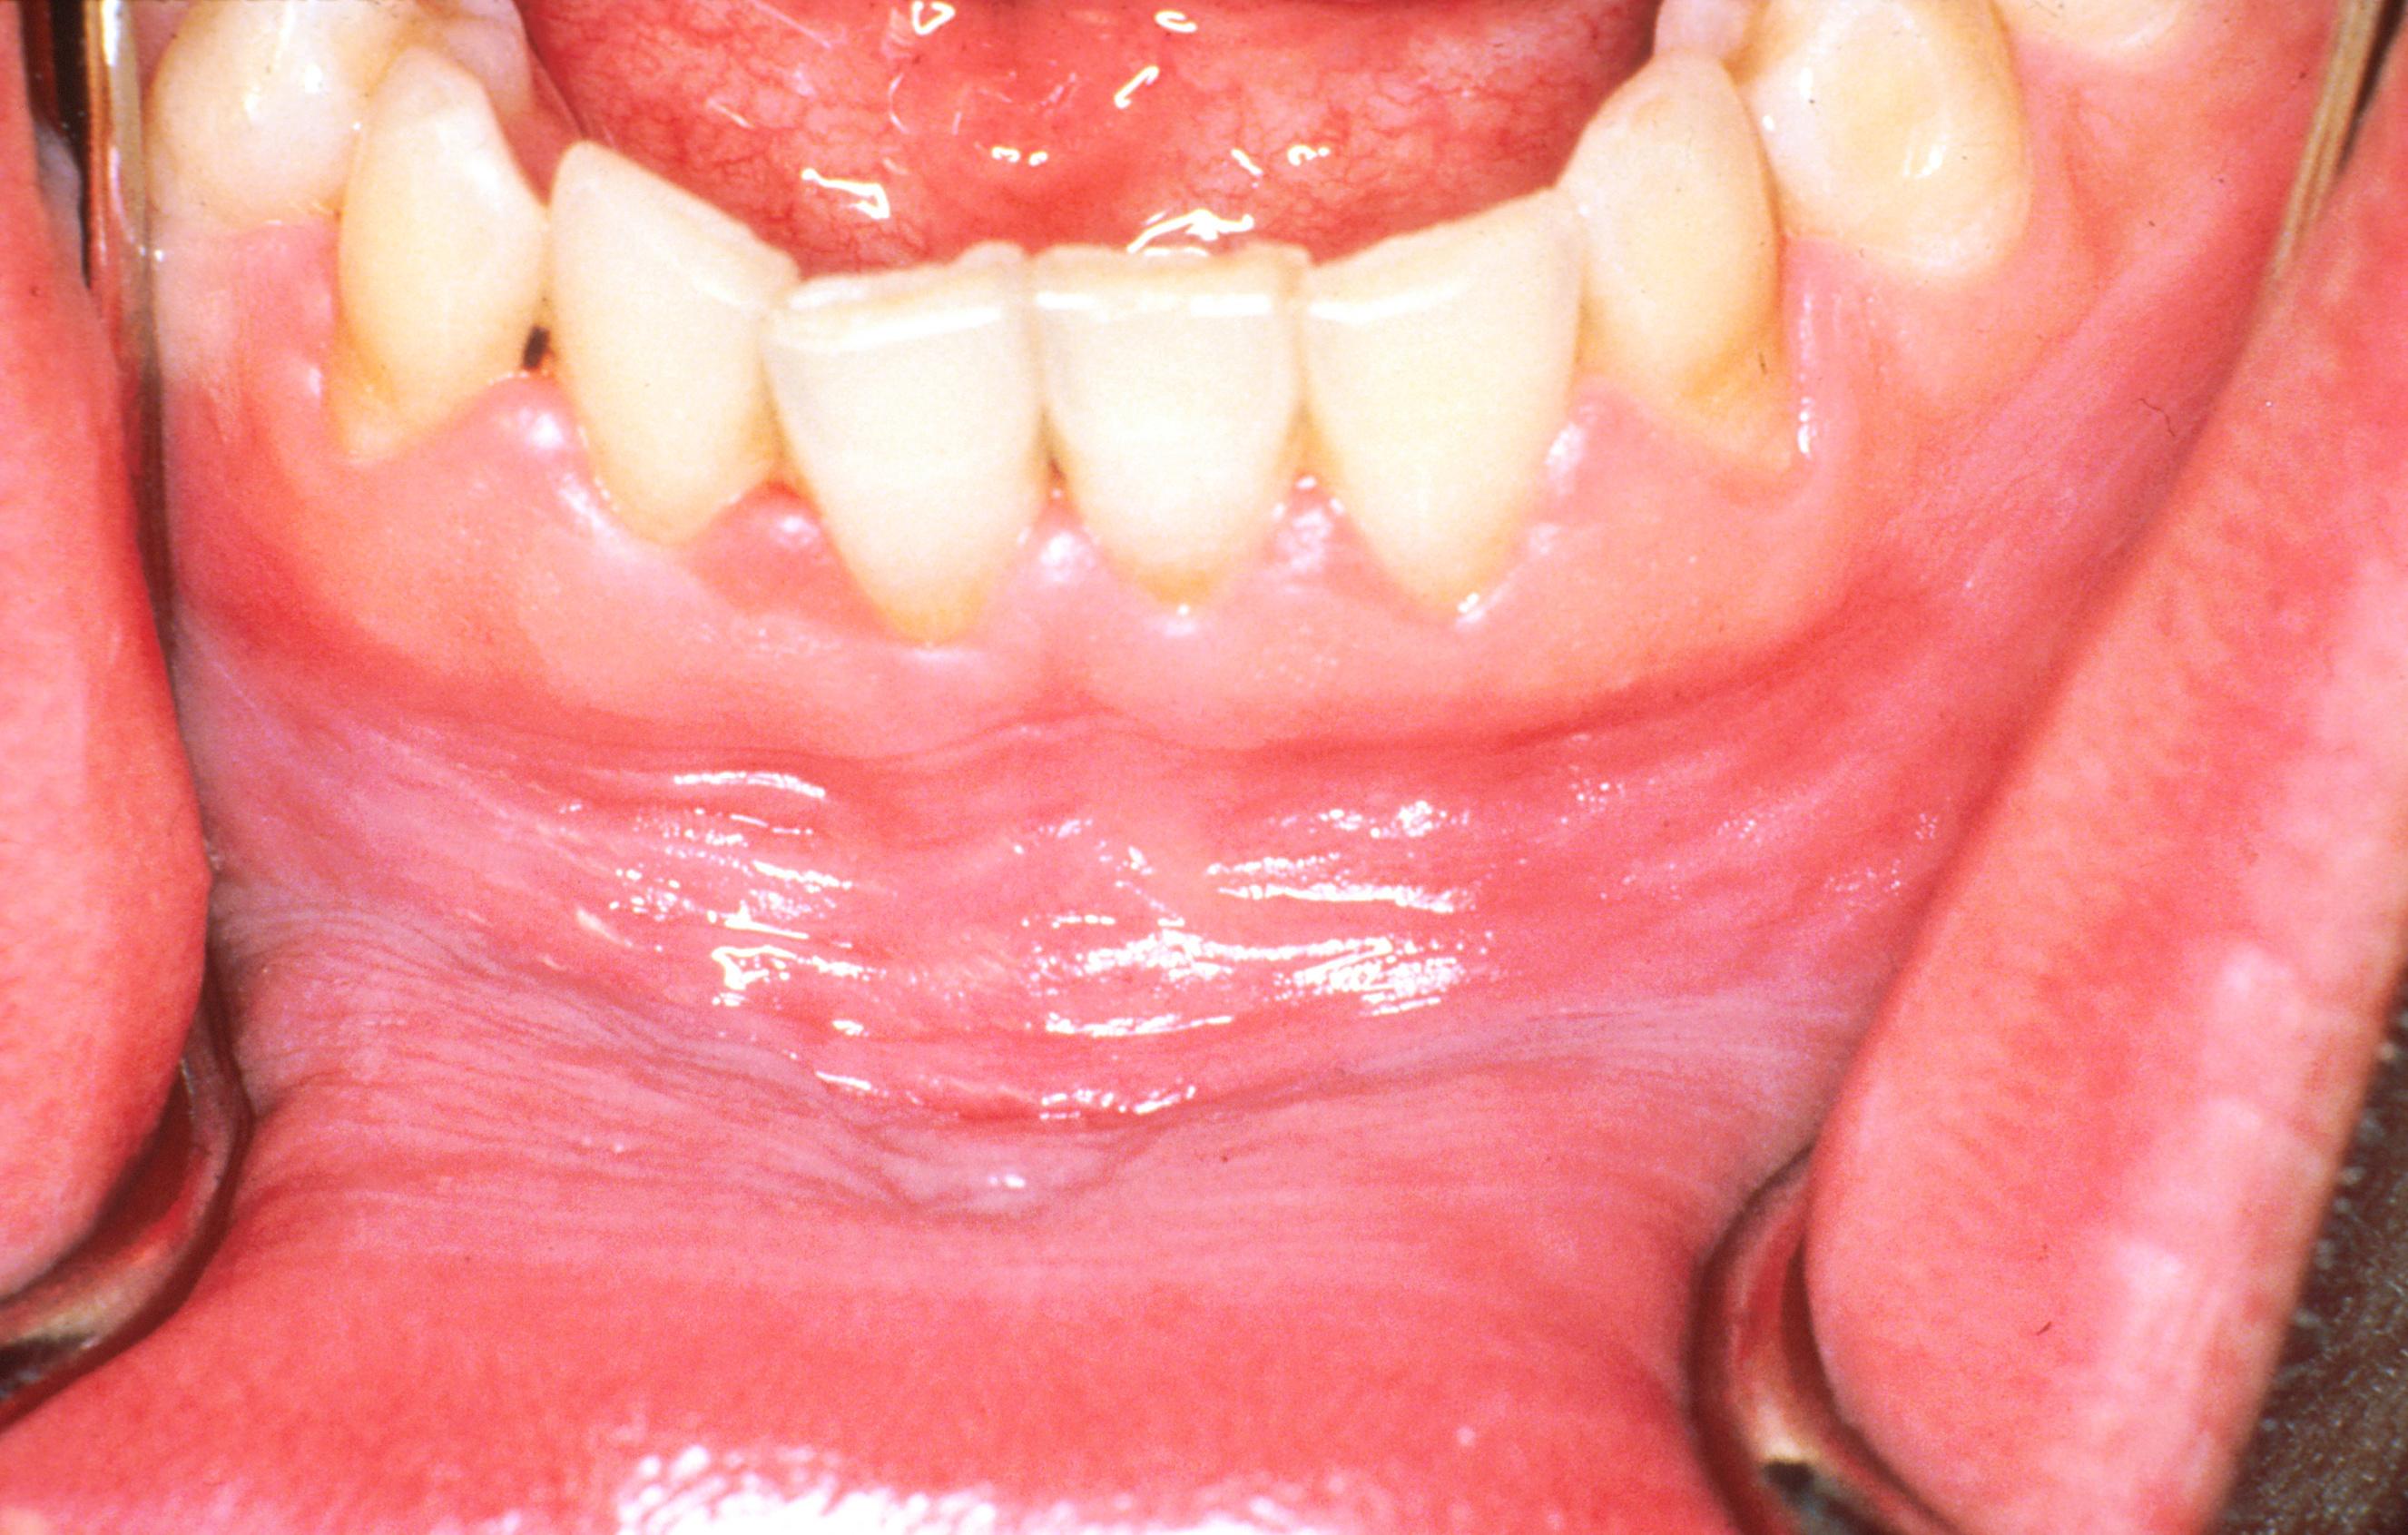 eritroderm pikkelysömör kezelése vörös pikkelyes foltok az állon és a száj körül